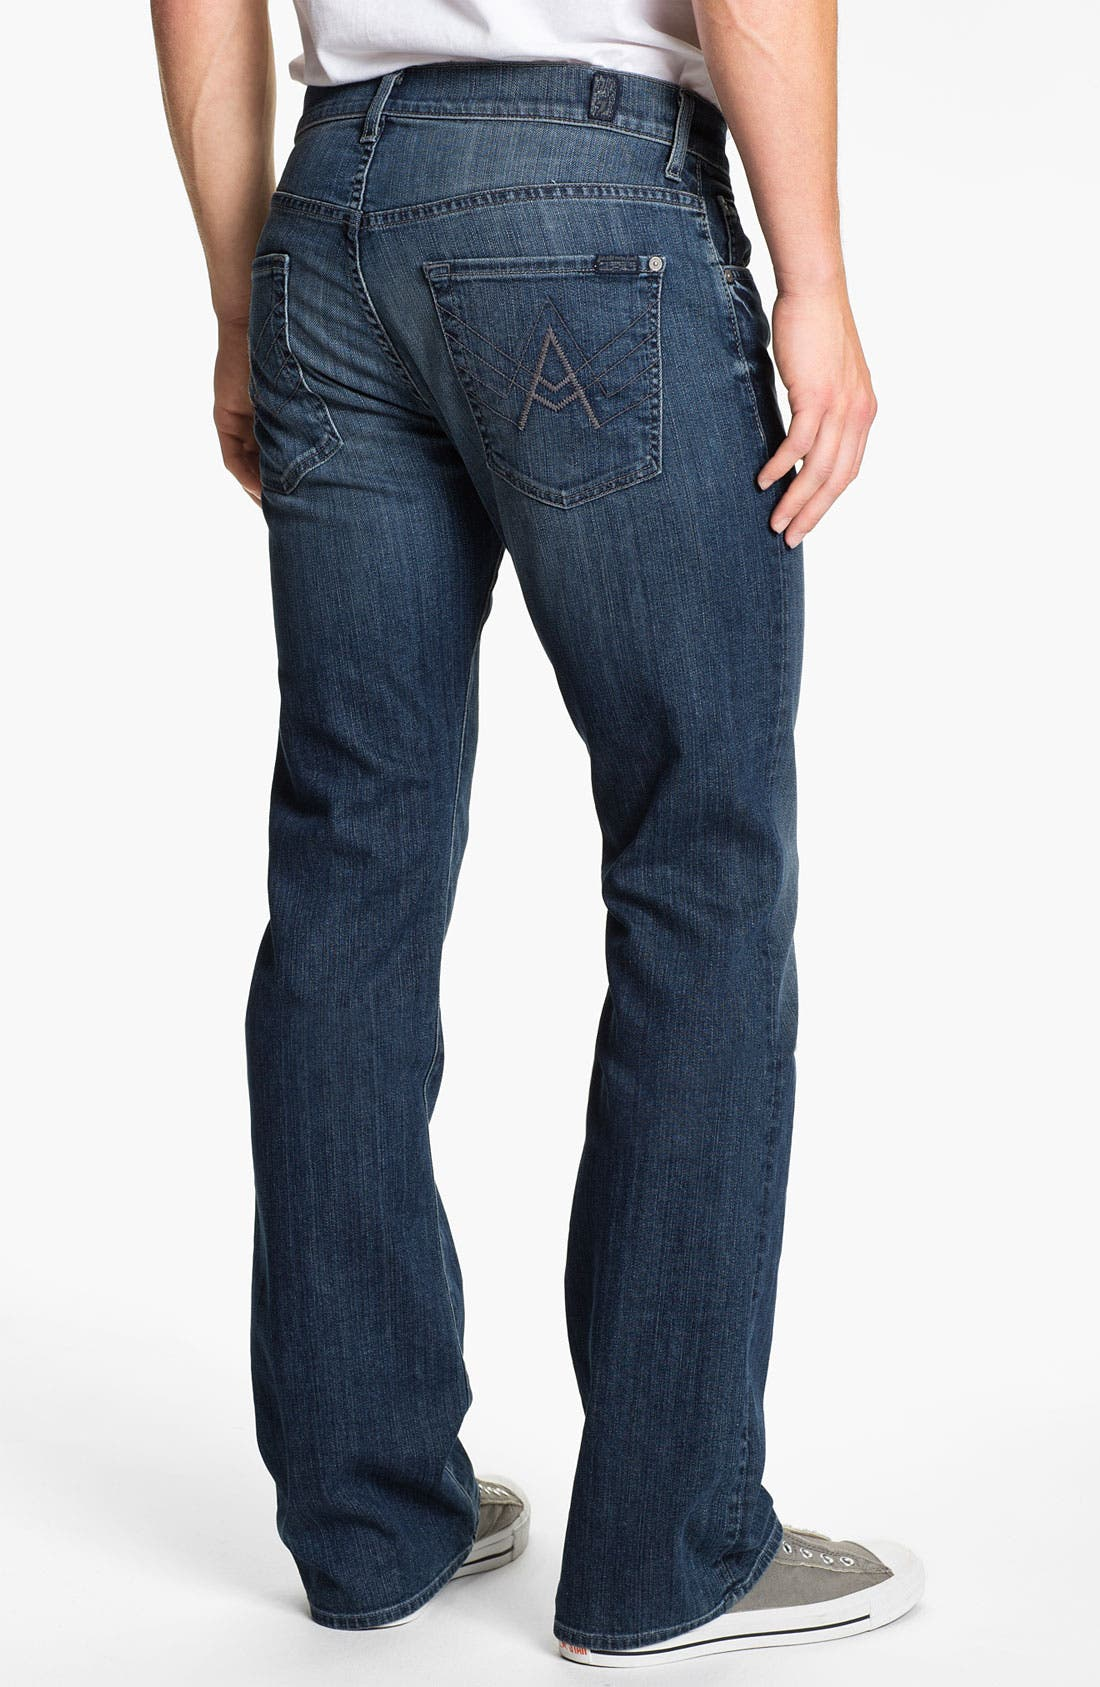 Alternate Image 1 Selected - 7 For All Mankind® 'Brett' Bootcut Jeans (Nakkita Grey)